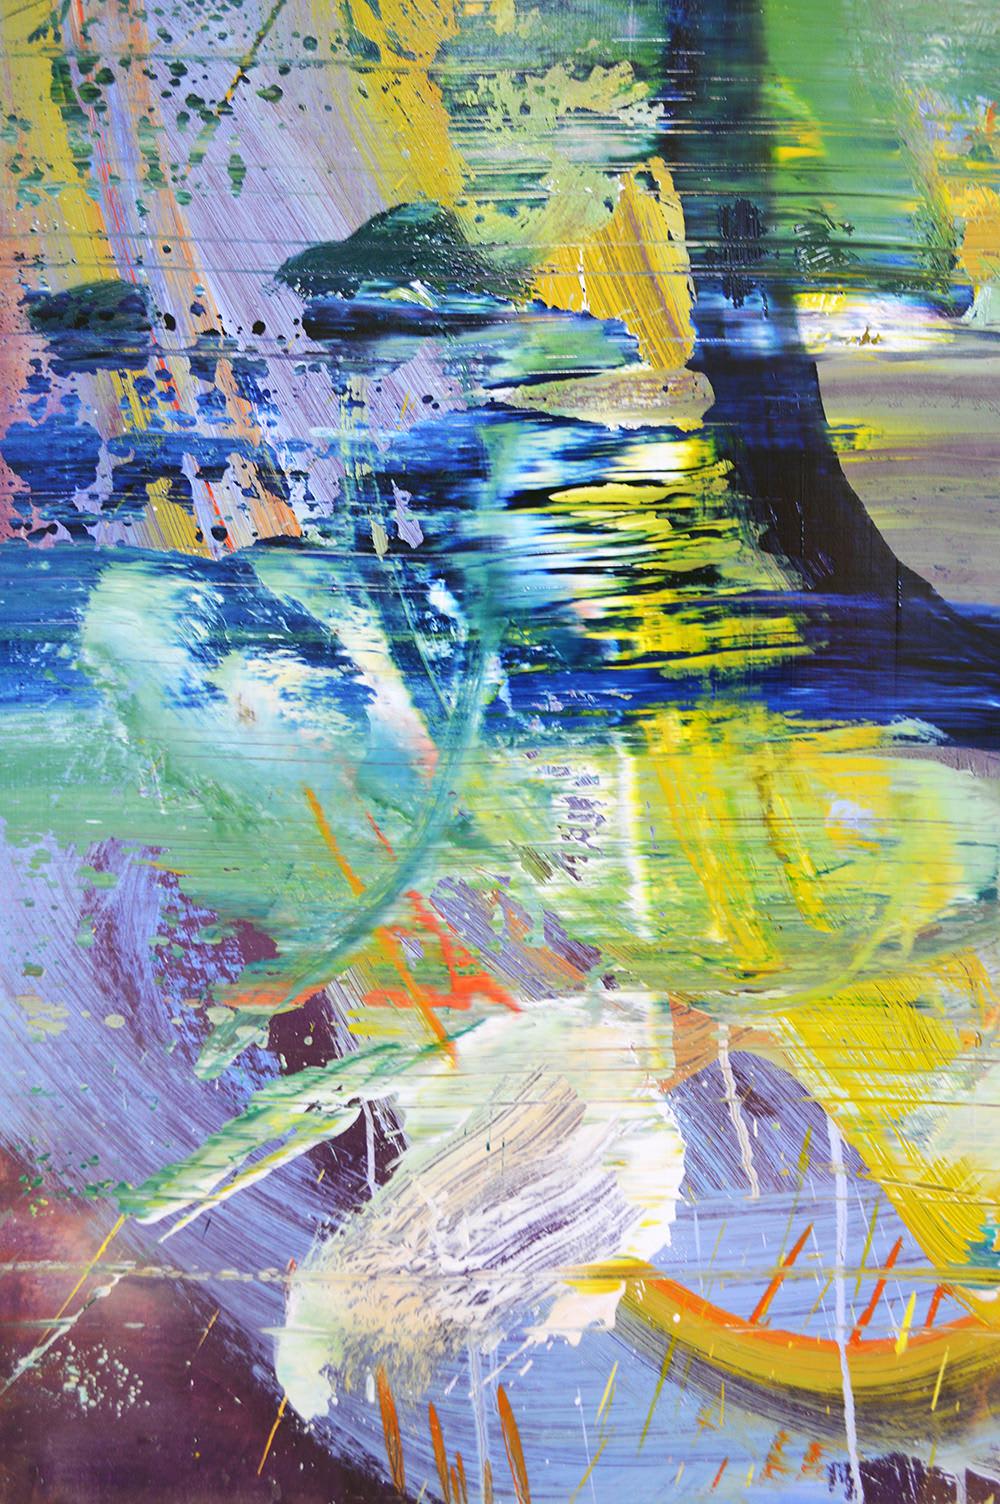 Abstract Painting. No.77. Close Up